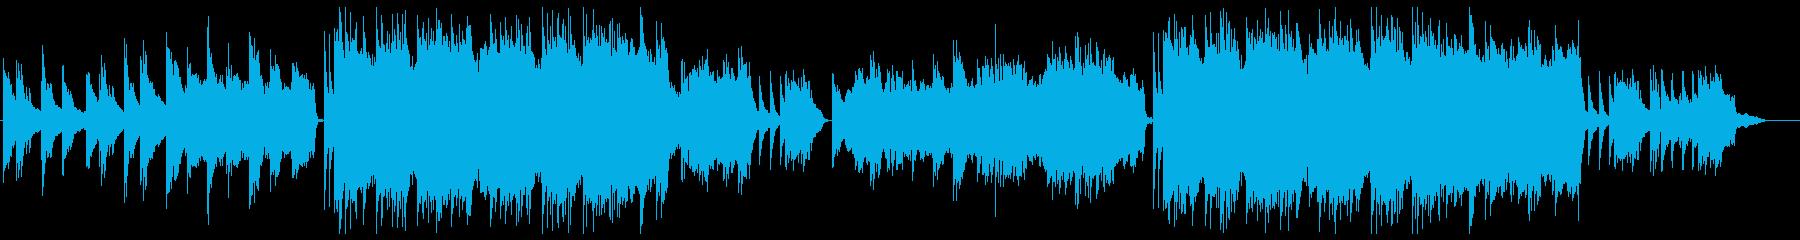 儚いイメージのピアノとストリングスの再生済みの波形